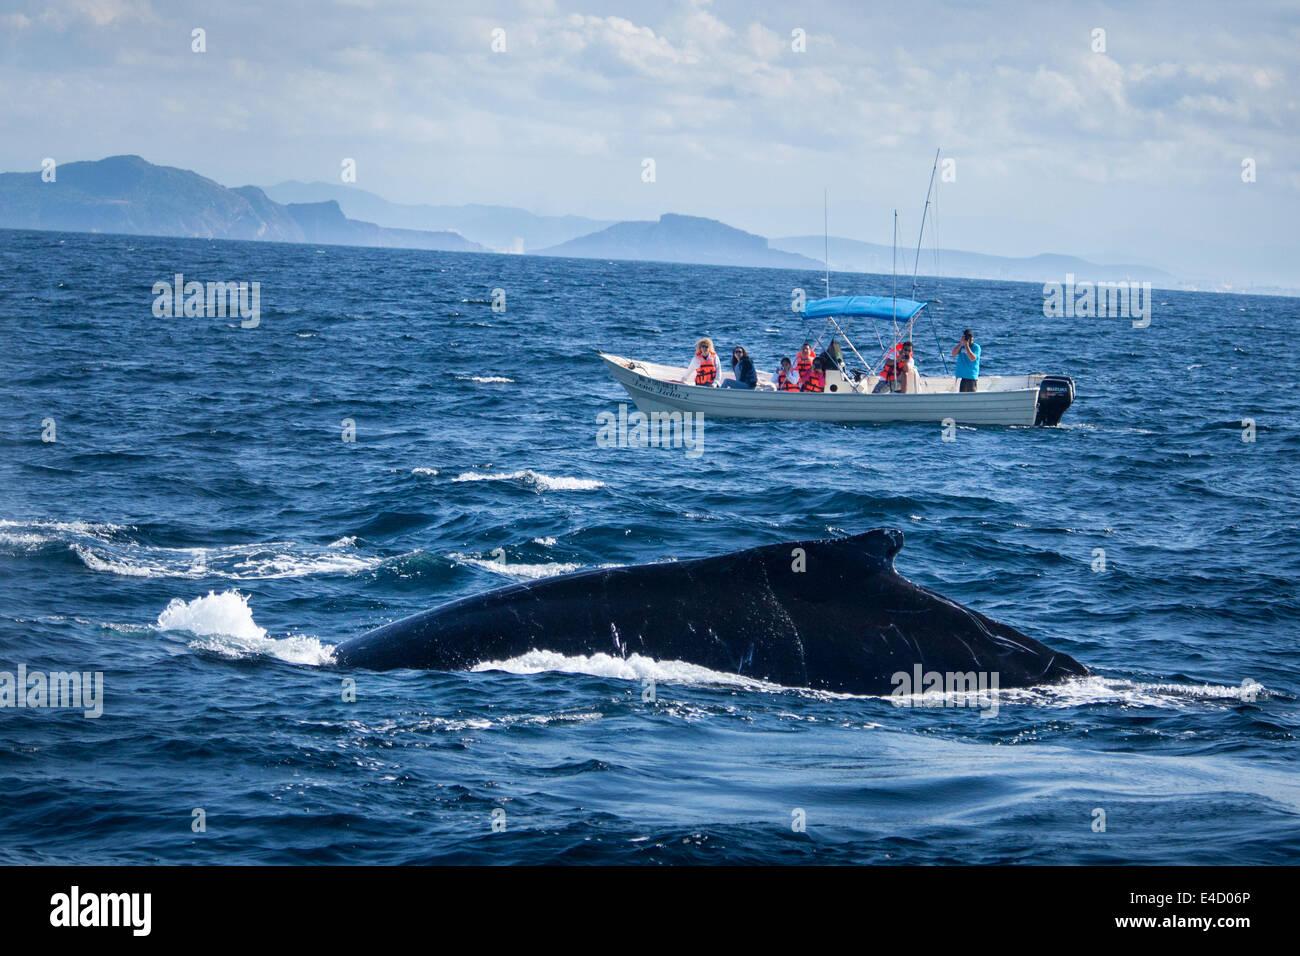 Les touristes photographier une baleine à bosse près de Mazatlán, Sinaloa, Mexique. Photo Stock